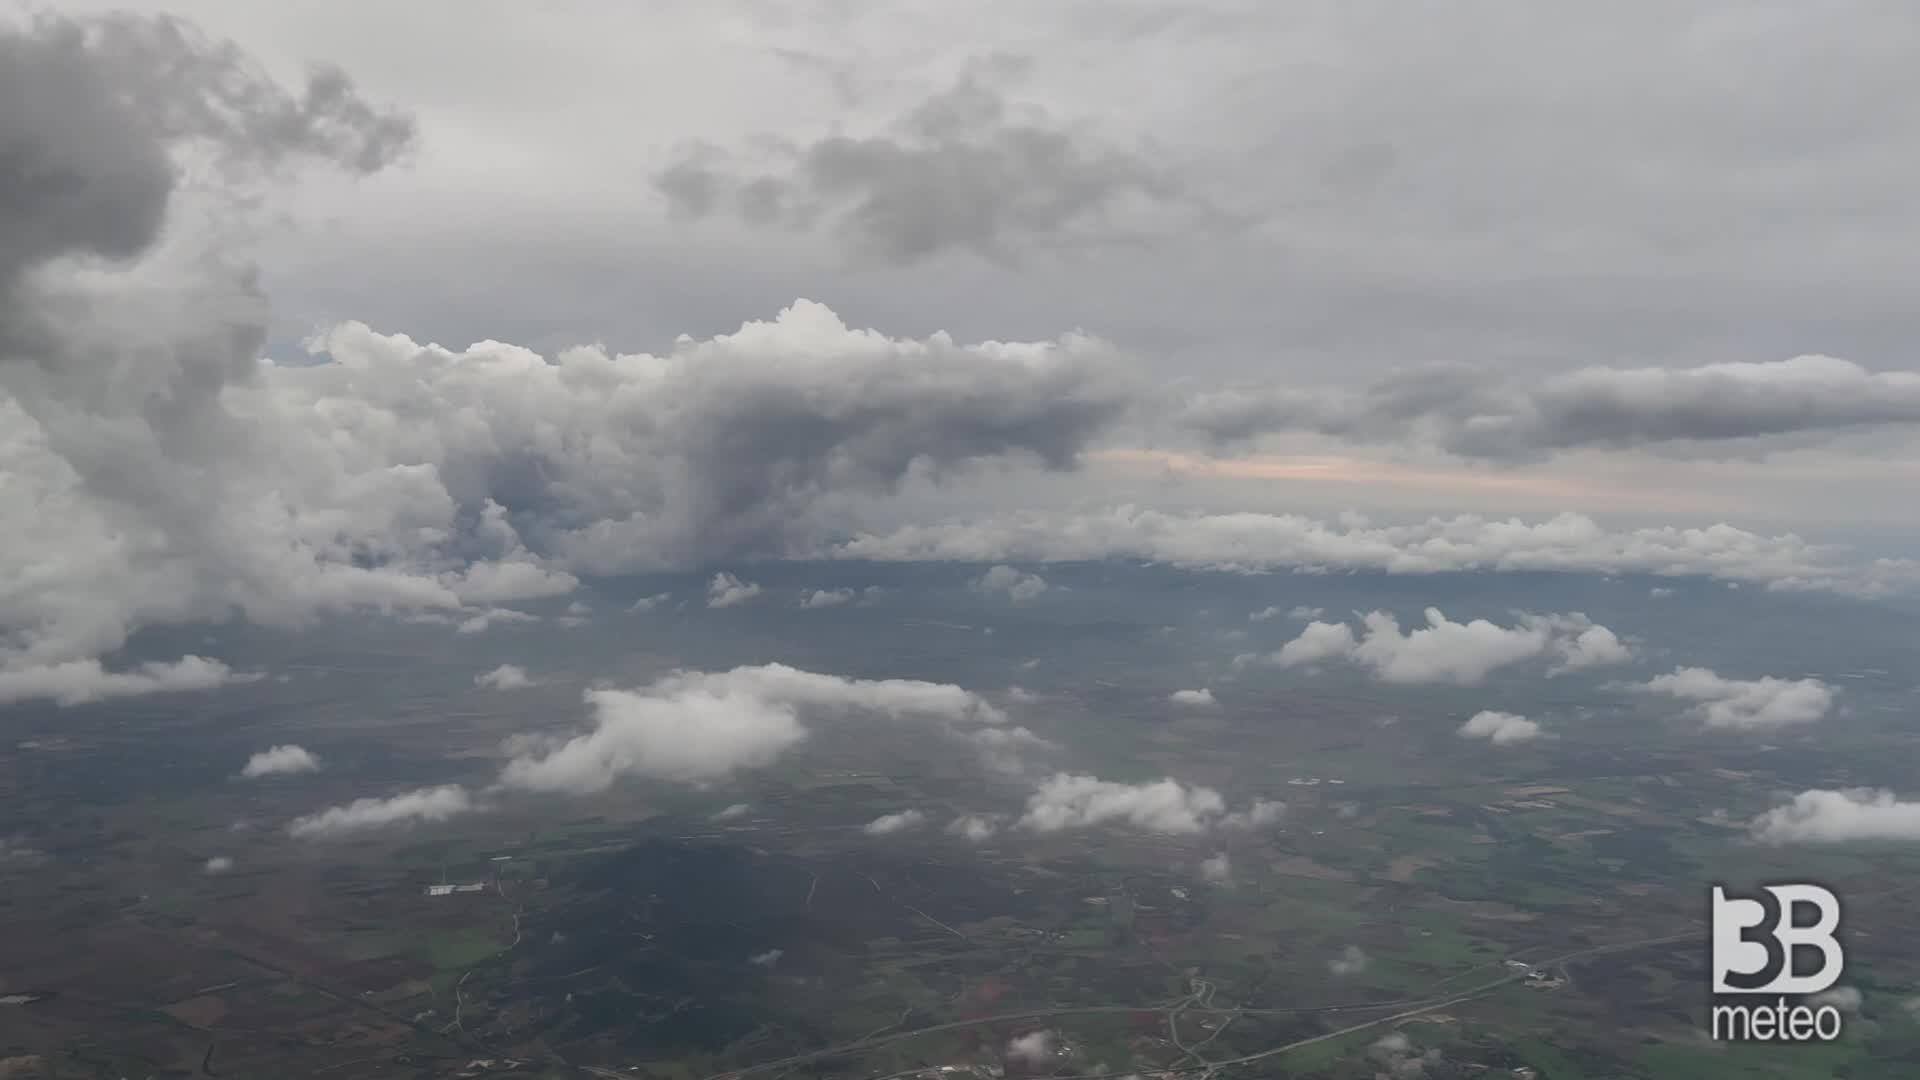 Allerta rossa in Sardegna: primi fronti nuvolosi sull'isola